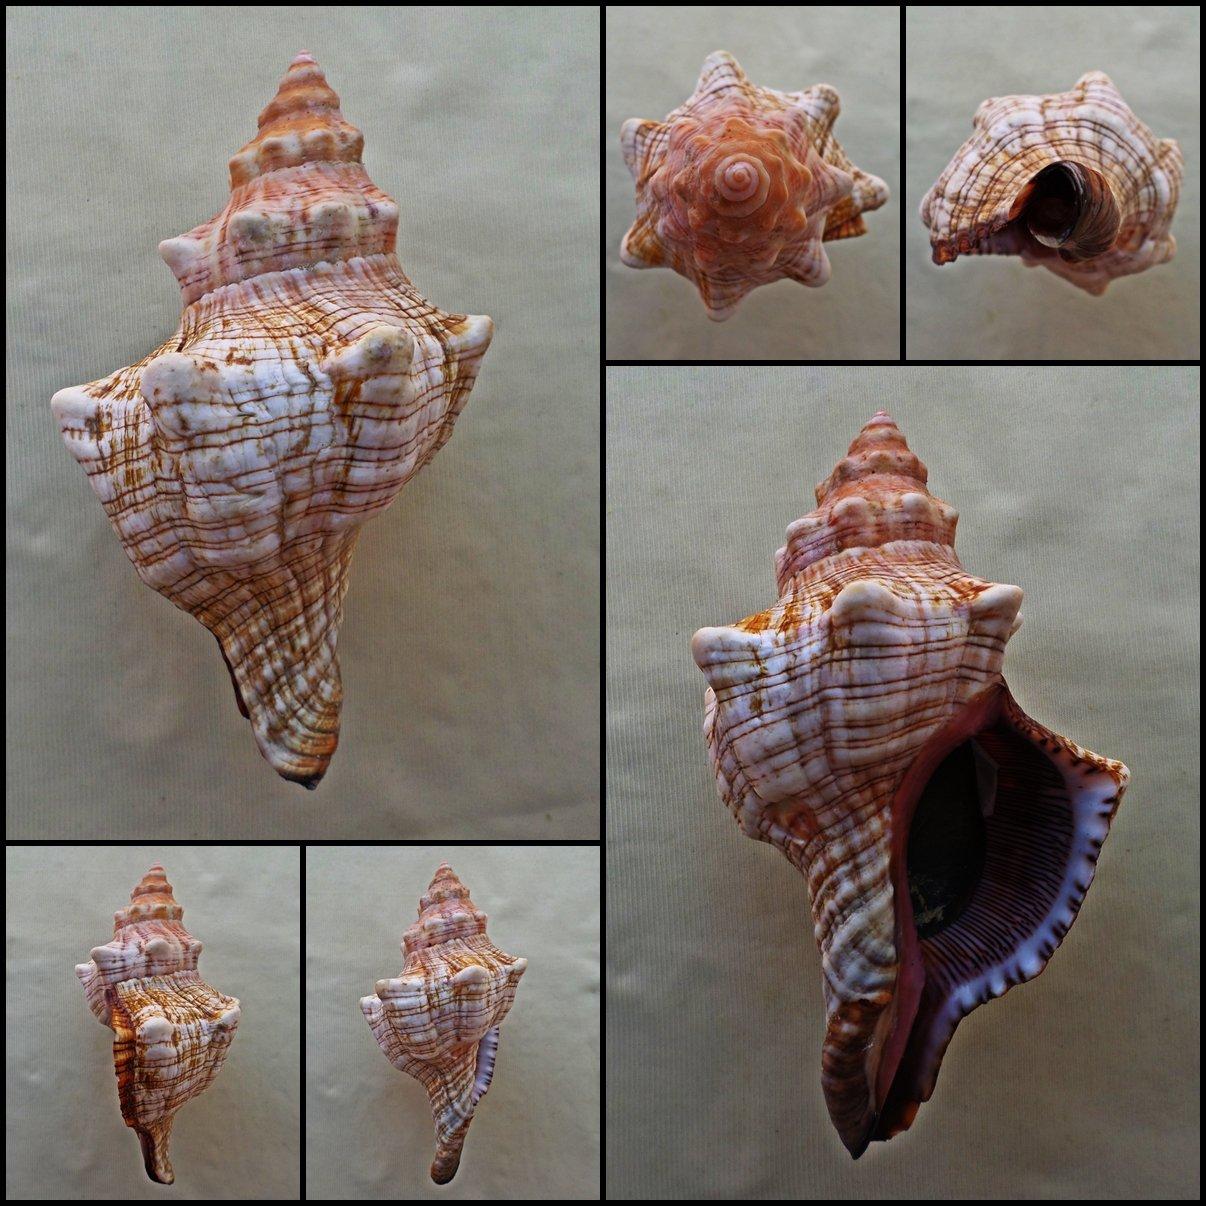 BLB02 - Pleuroploca trapezium